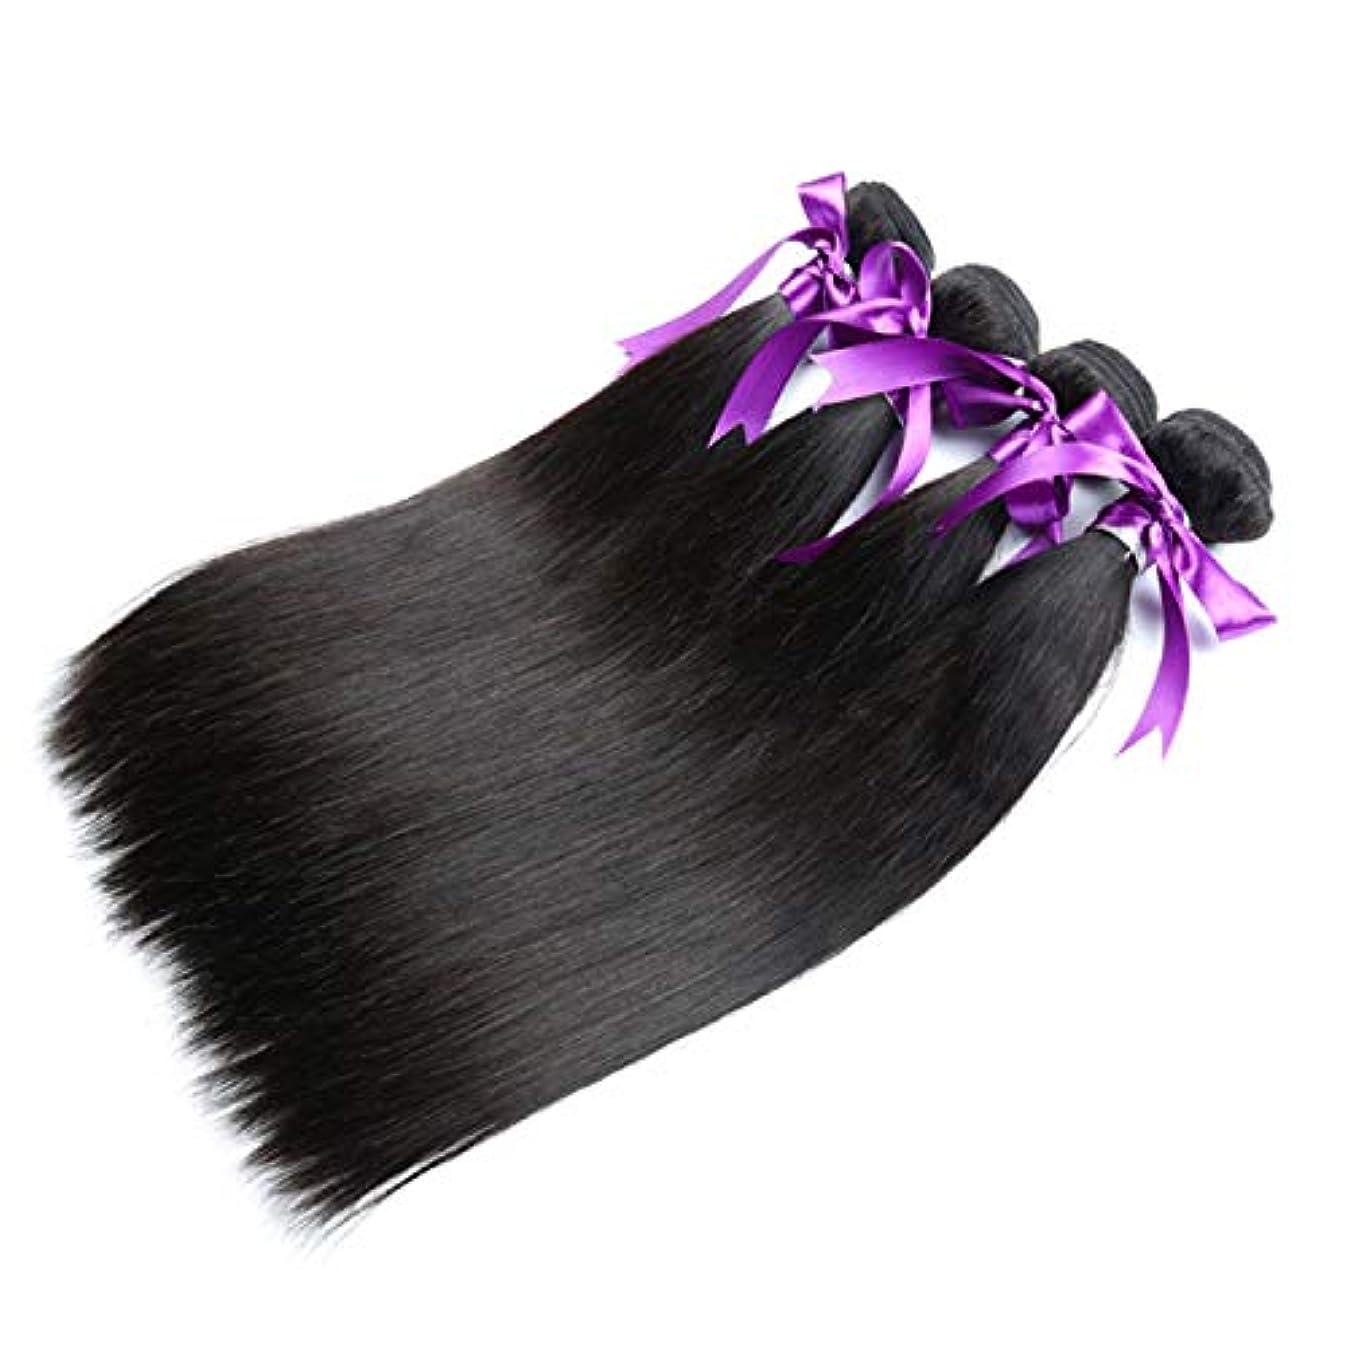 苦情文句論争壁紙ペルーのストレートヘア4本の人間の髪の毛の束非レミーの毛の延長ナチュラルブラック (Length : 8 8 10 10)